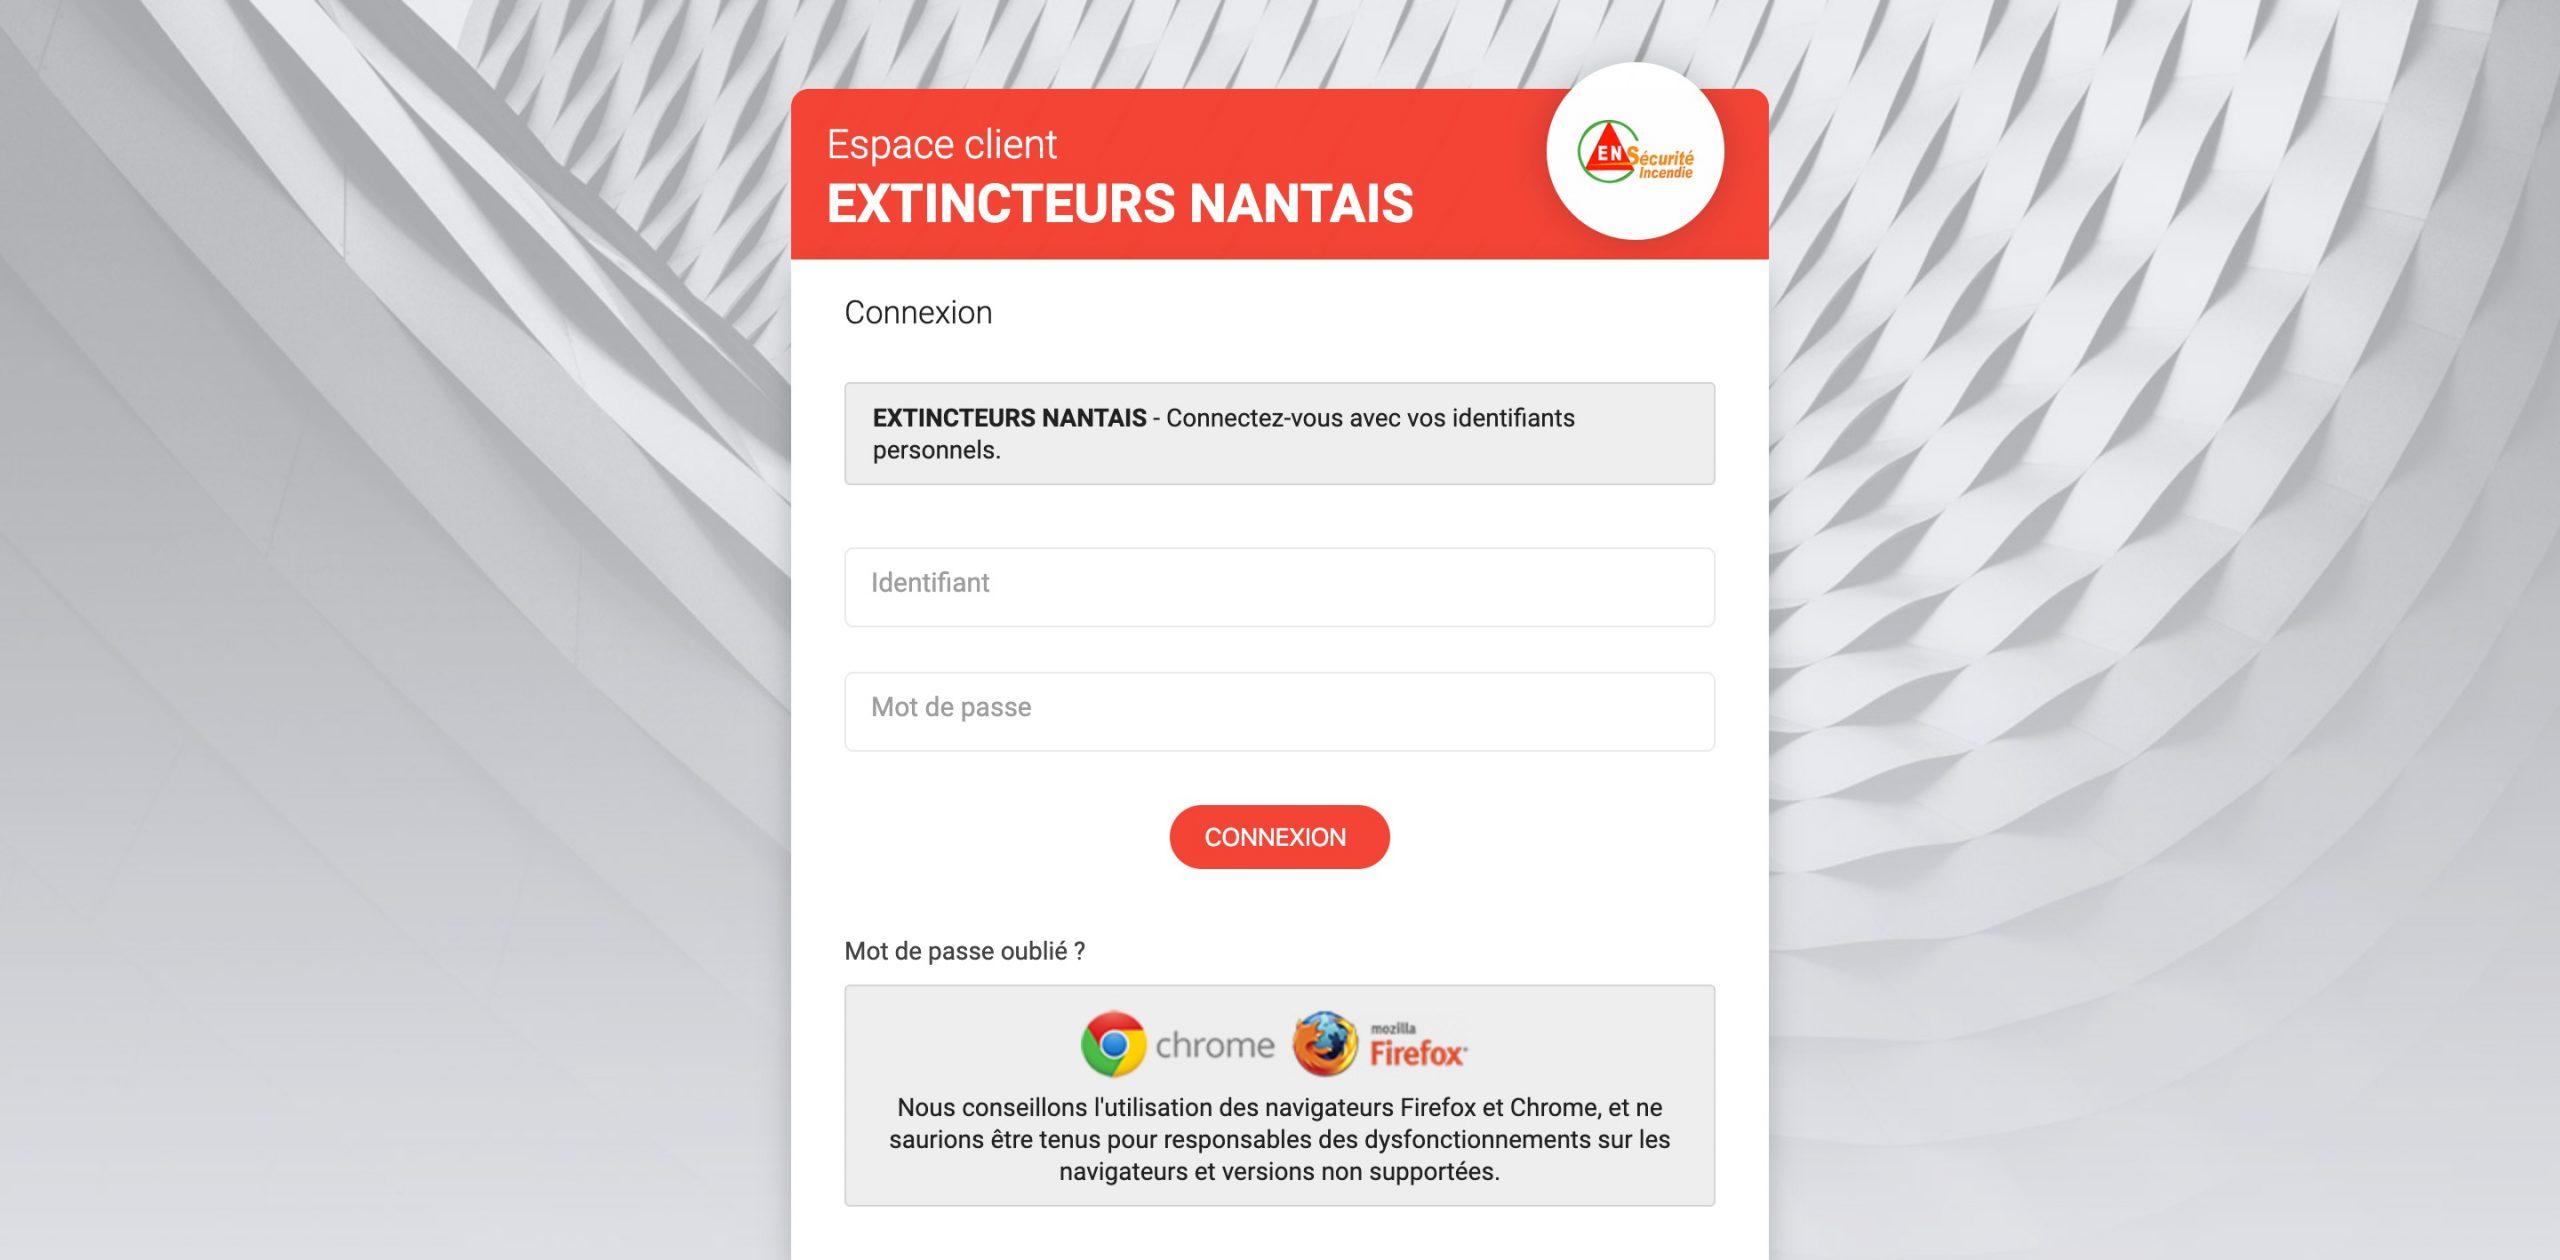 Extincteurs Nantais Sécurité Incendie